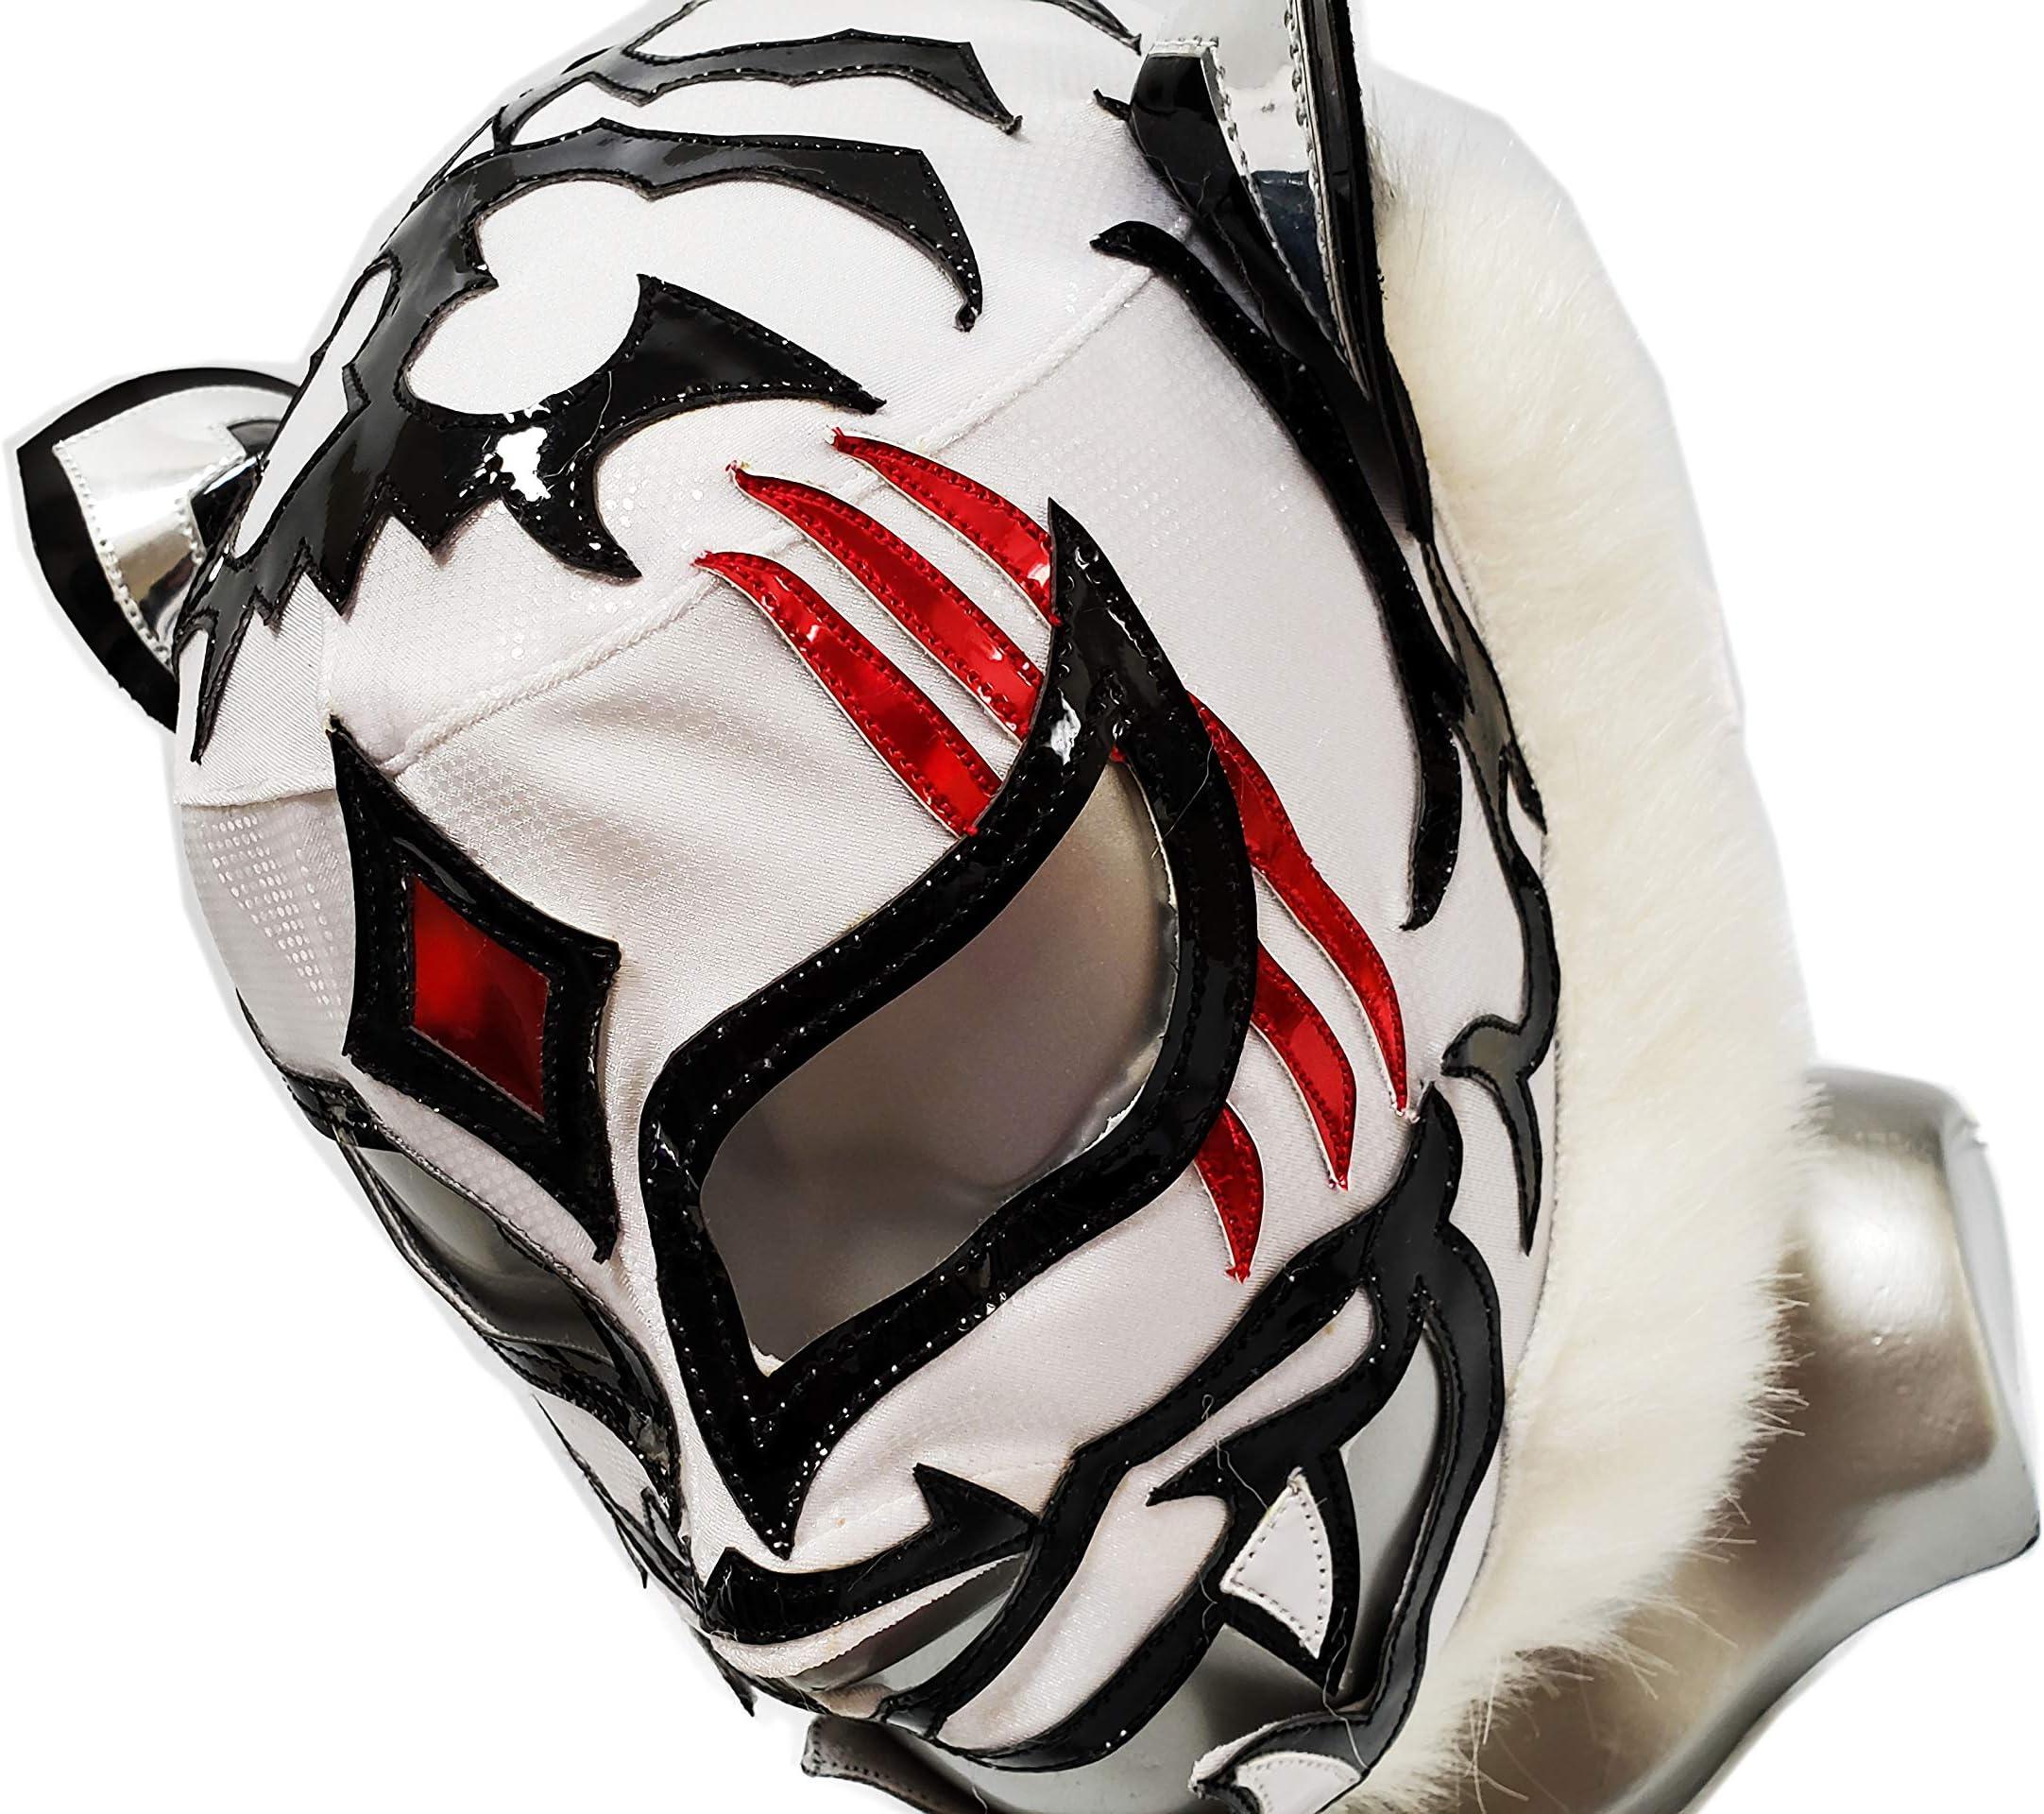 Tiger mask wrestling mask luchador costume wrestler lucha libre mexican mask maske cosplay